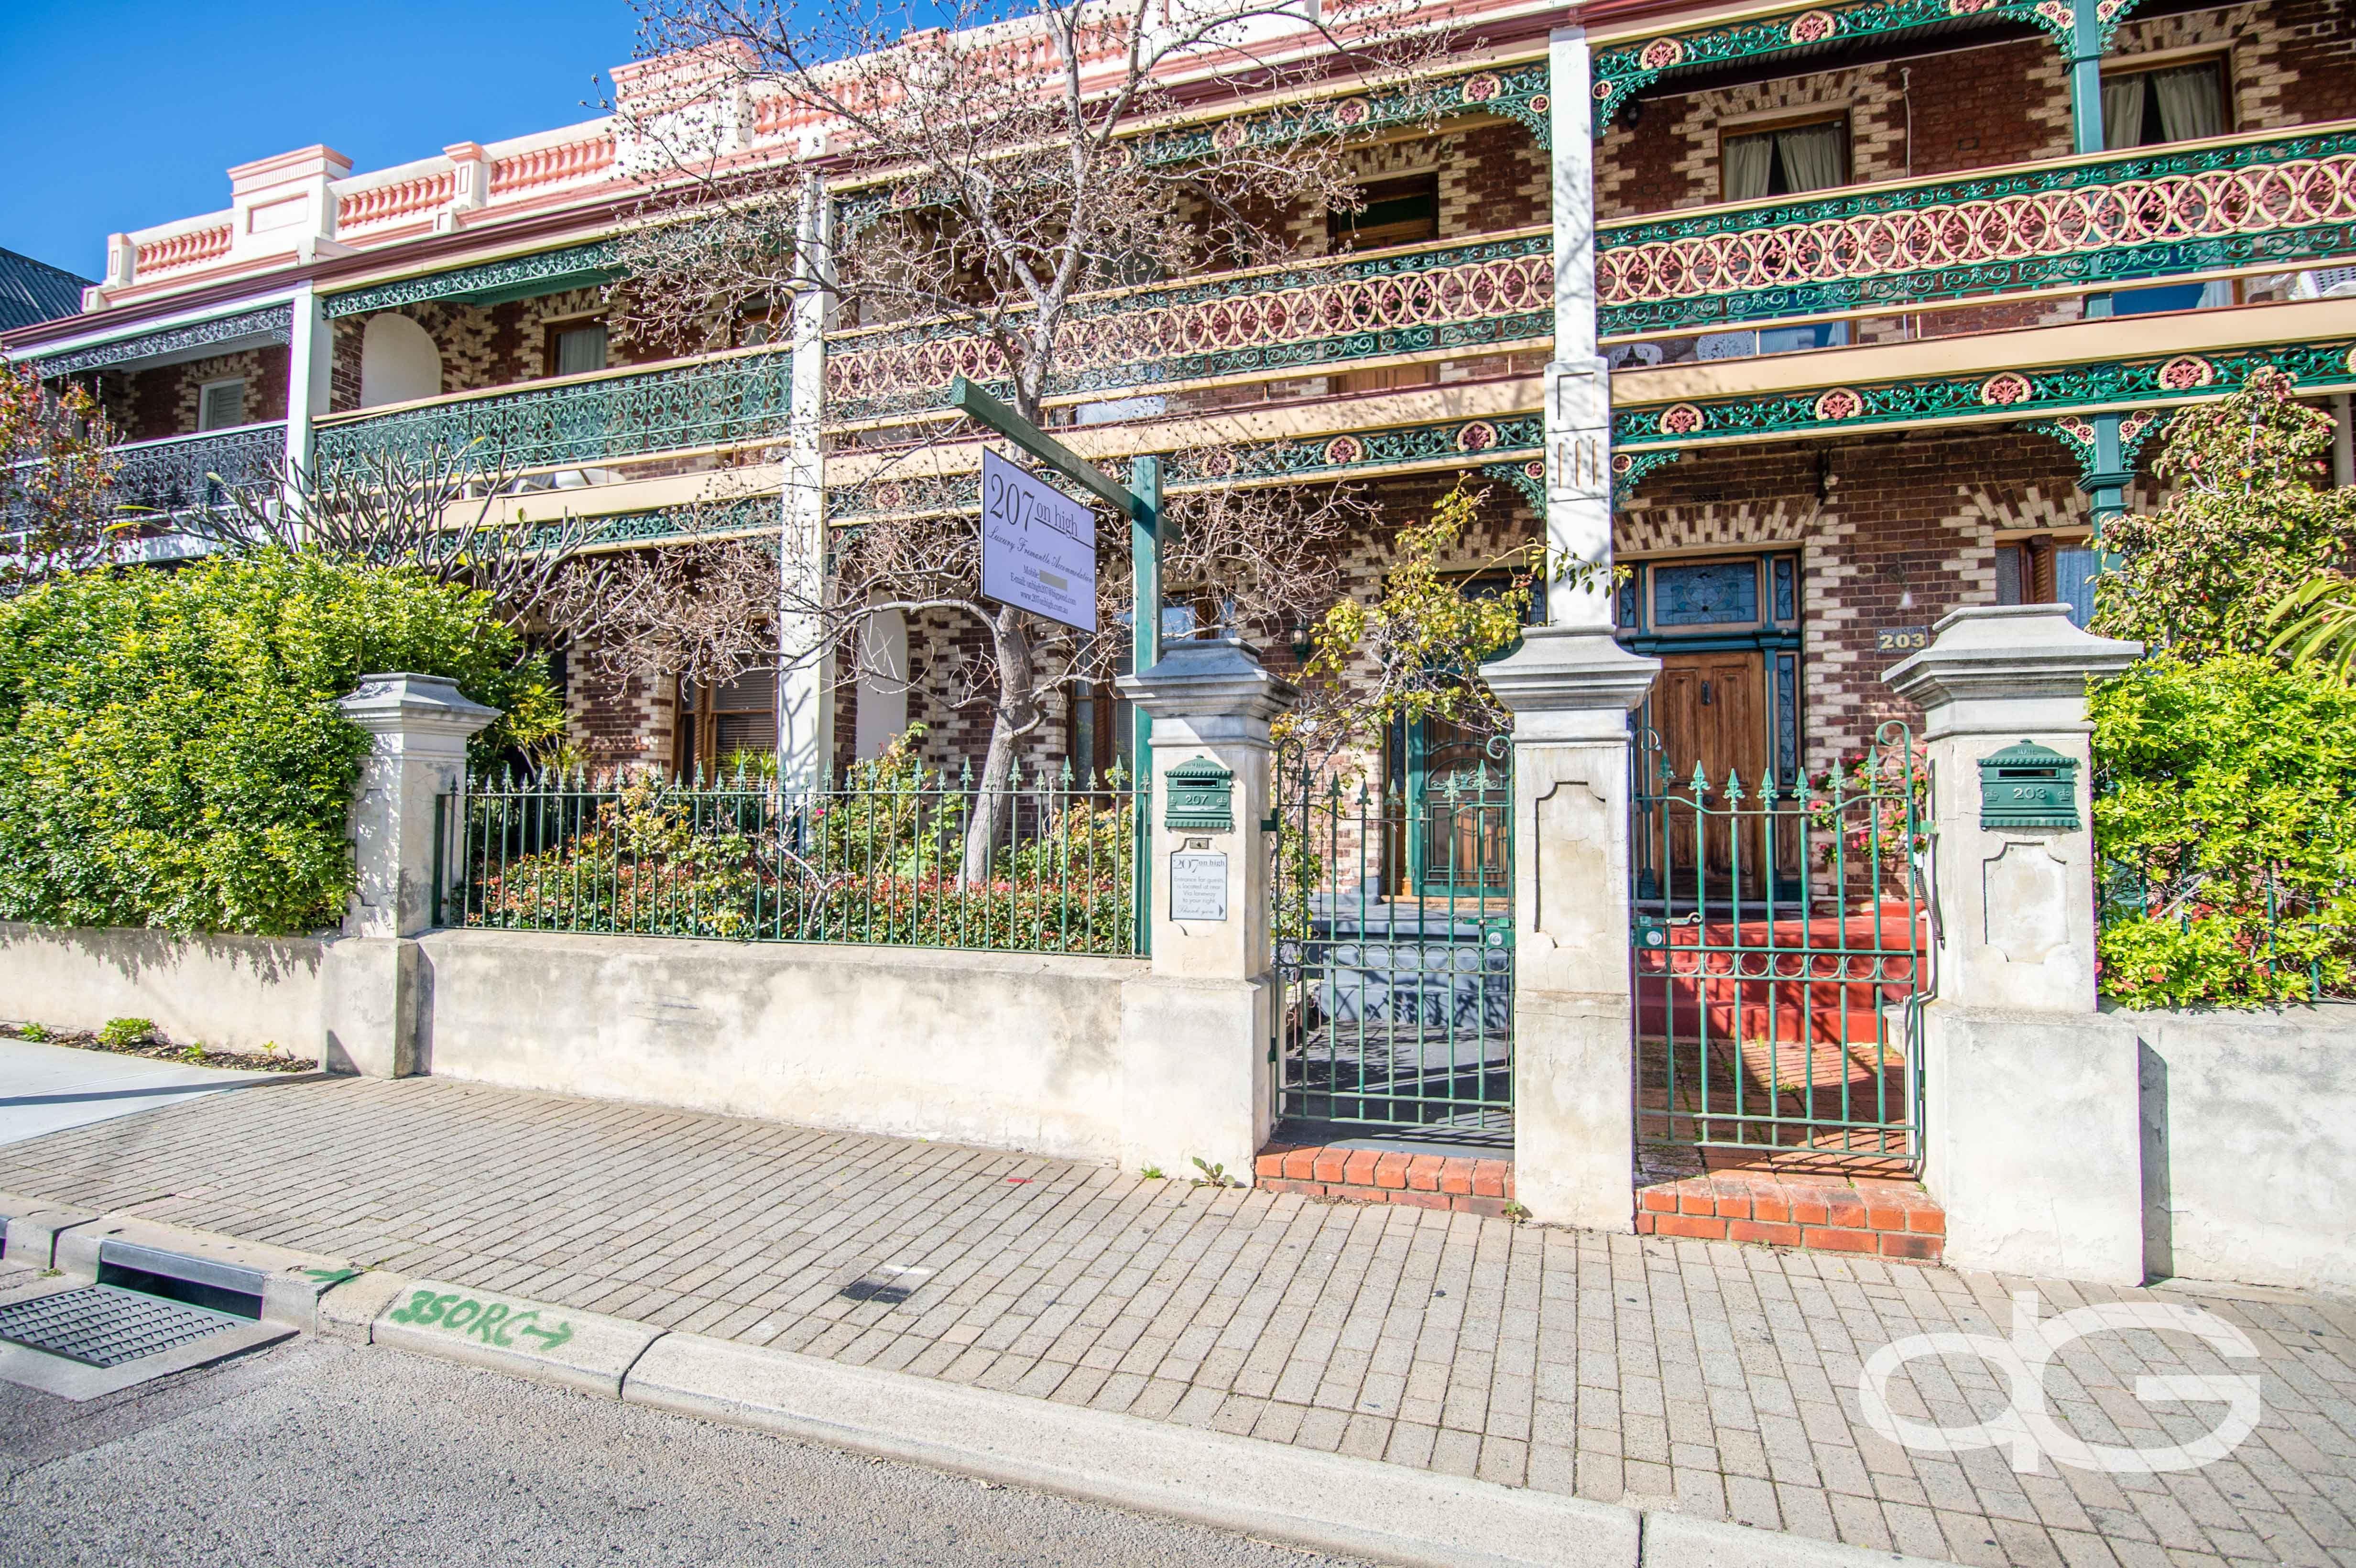 207 High Street, Fremantle